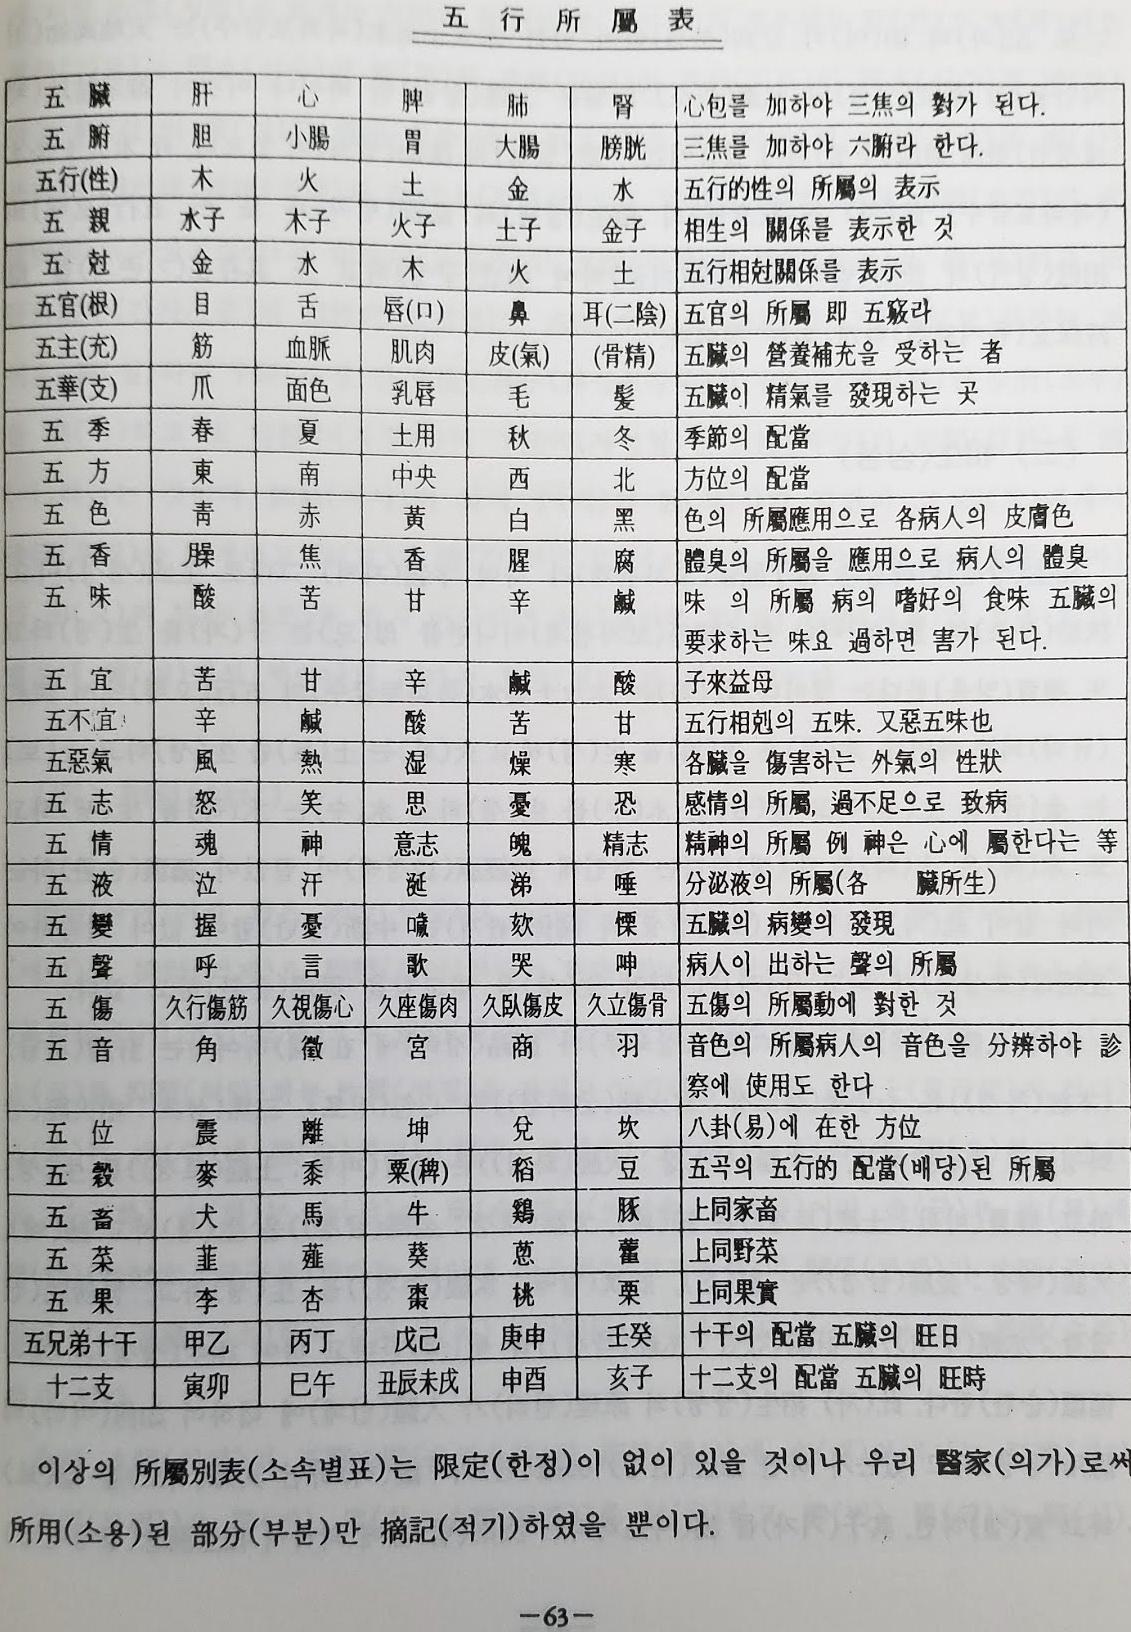 음양오행 소속표